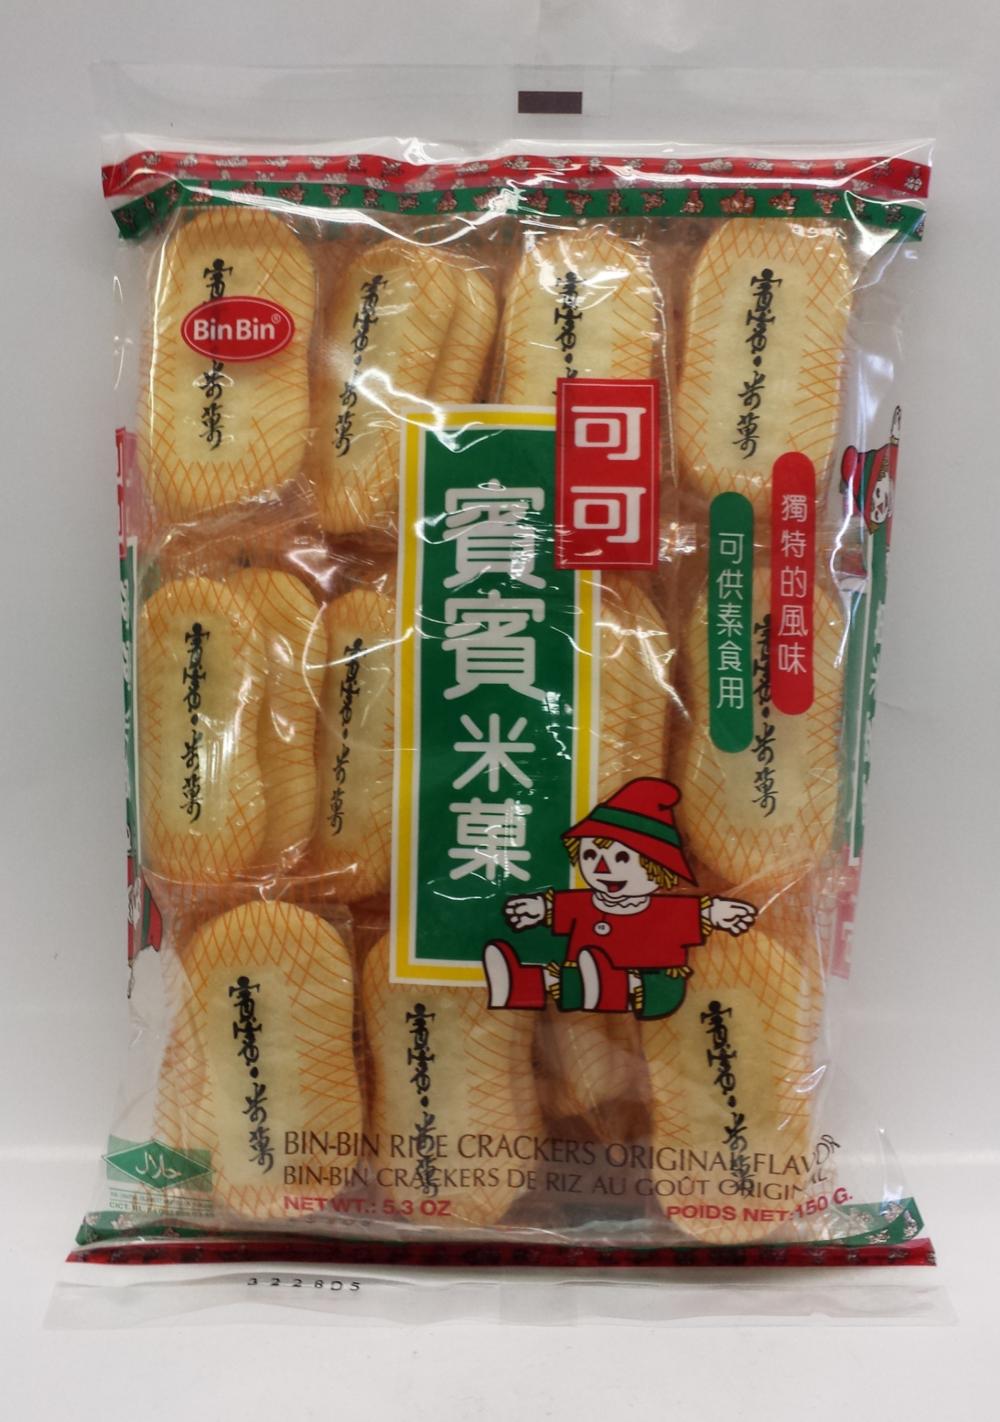 Rice Crackers   Bin Bin   CK16628 20x5.2 oz